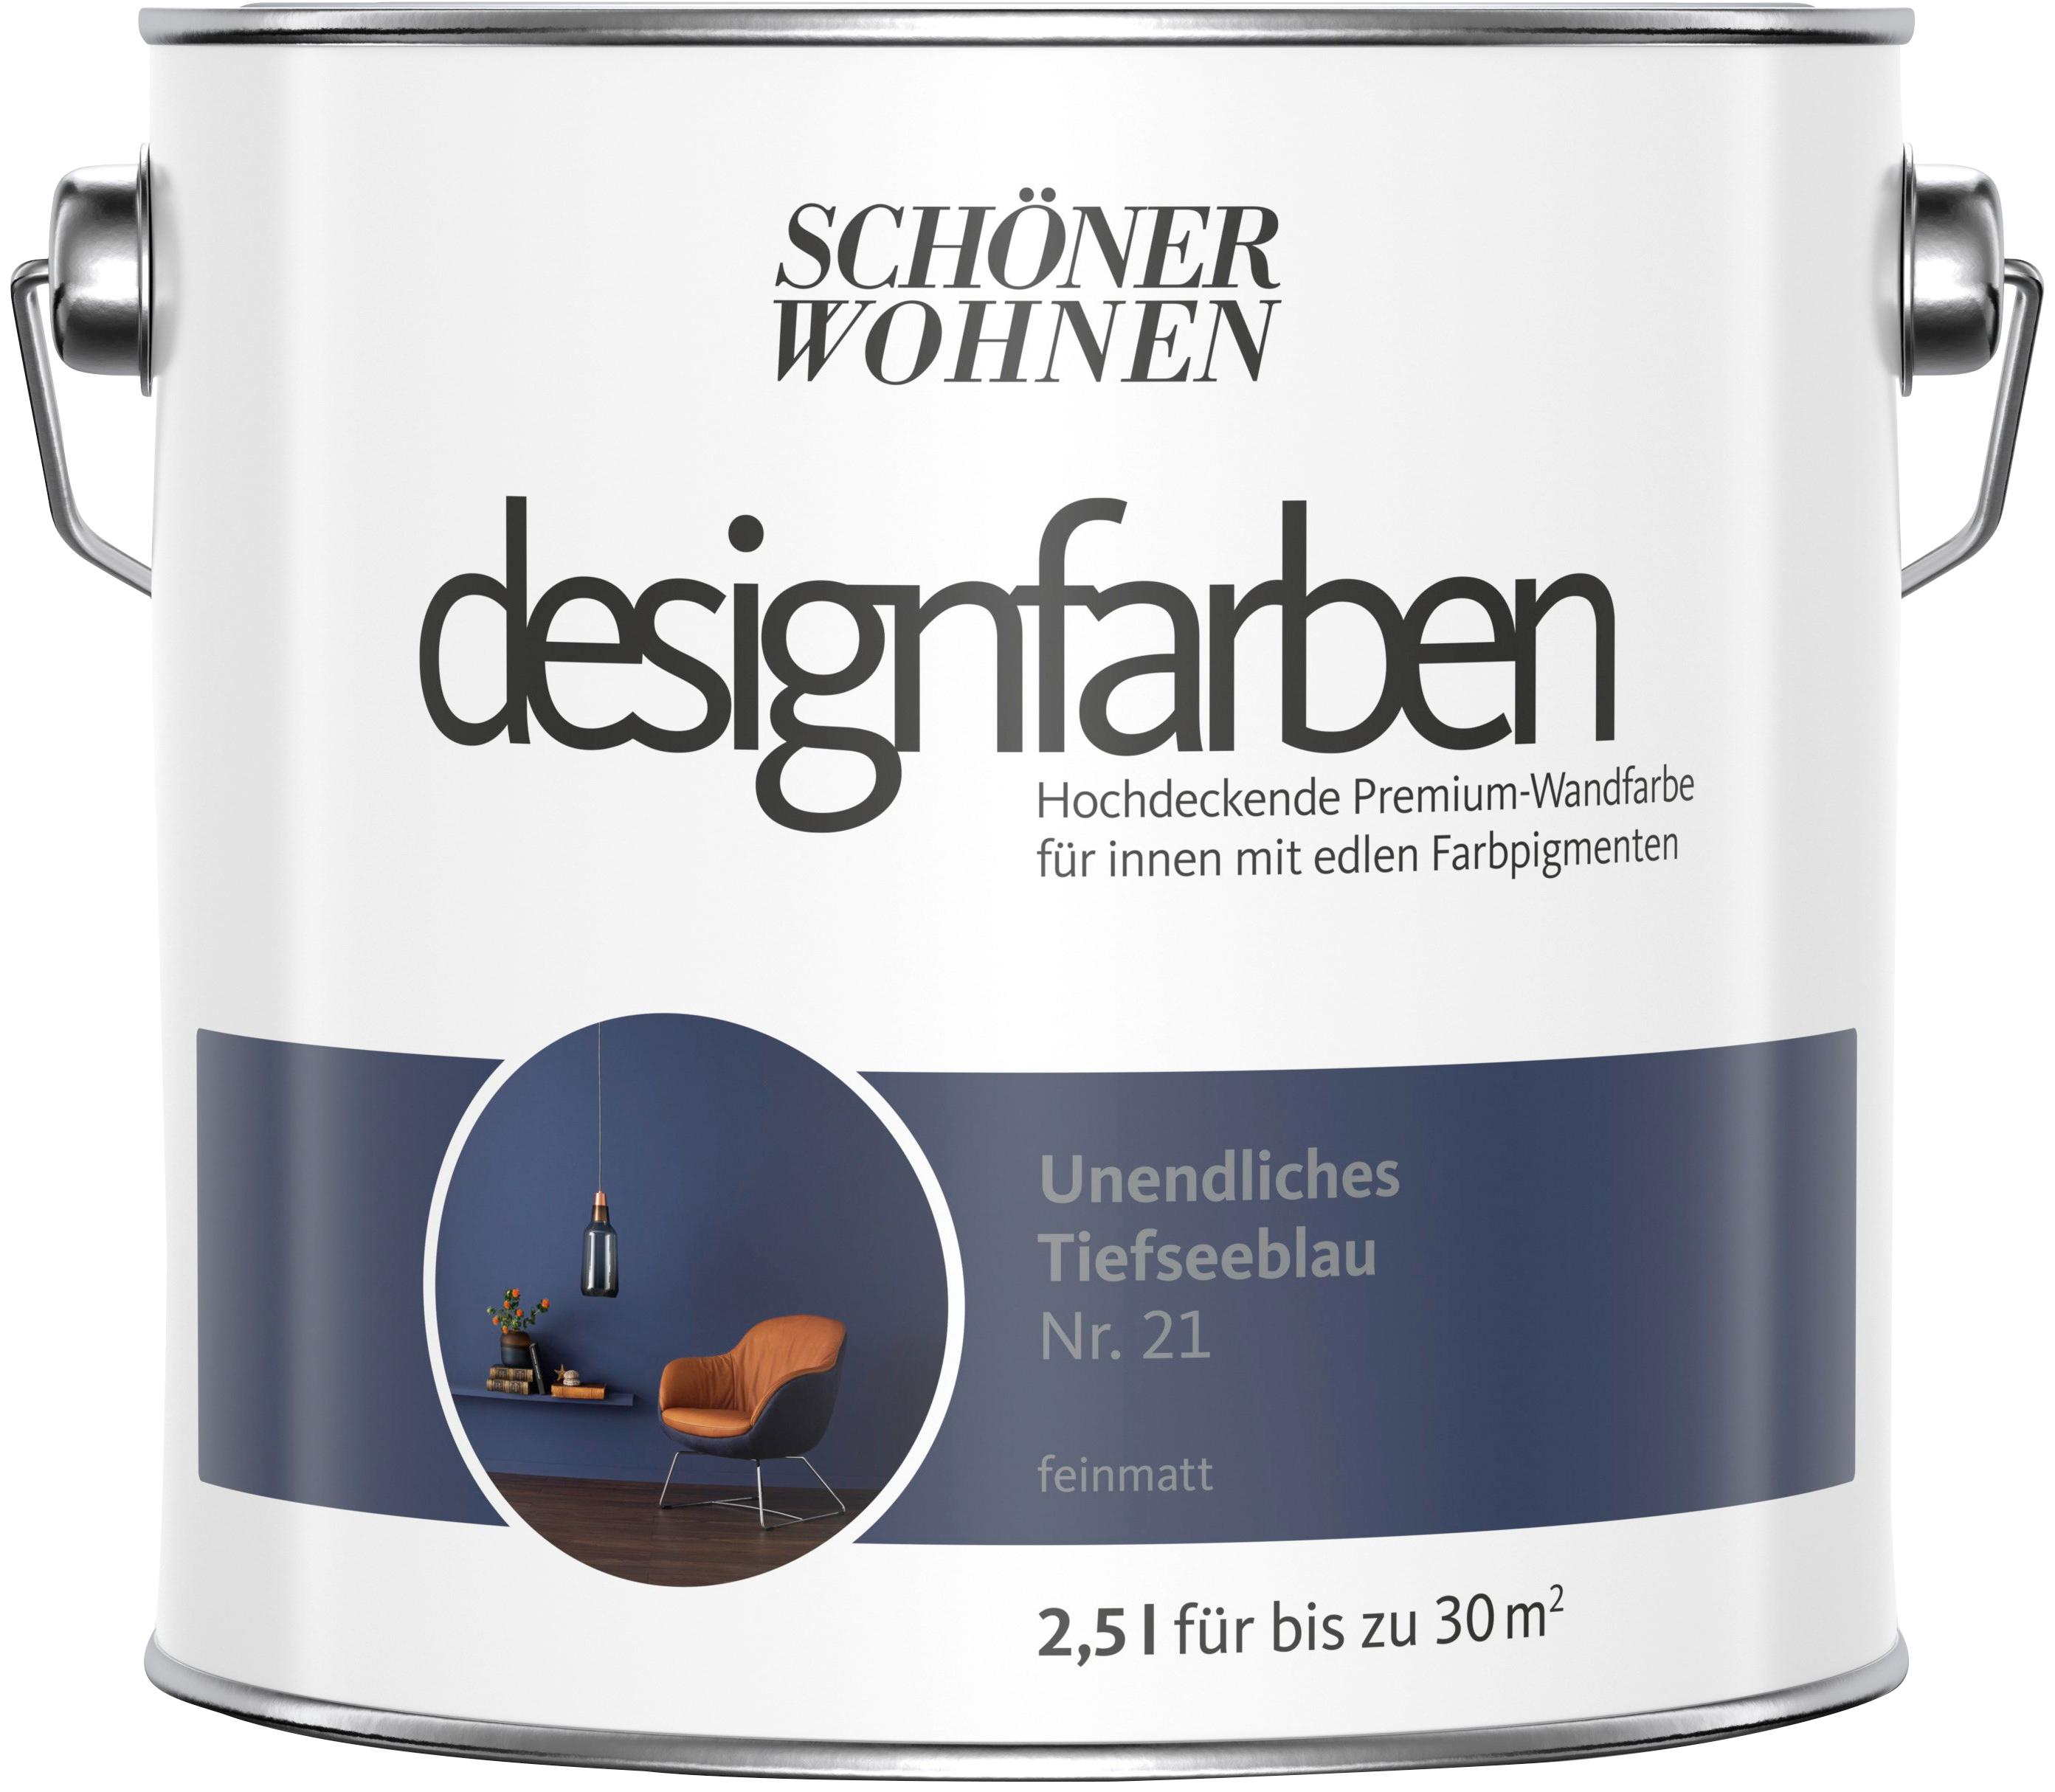 SCHÖNER WOHNEN FARBE Farbe »Designfarben«, Unendliches Tiefseeblau Nr. 21,  feinmatt 2,5 l online kaufen   BAUR